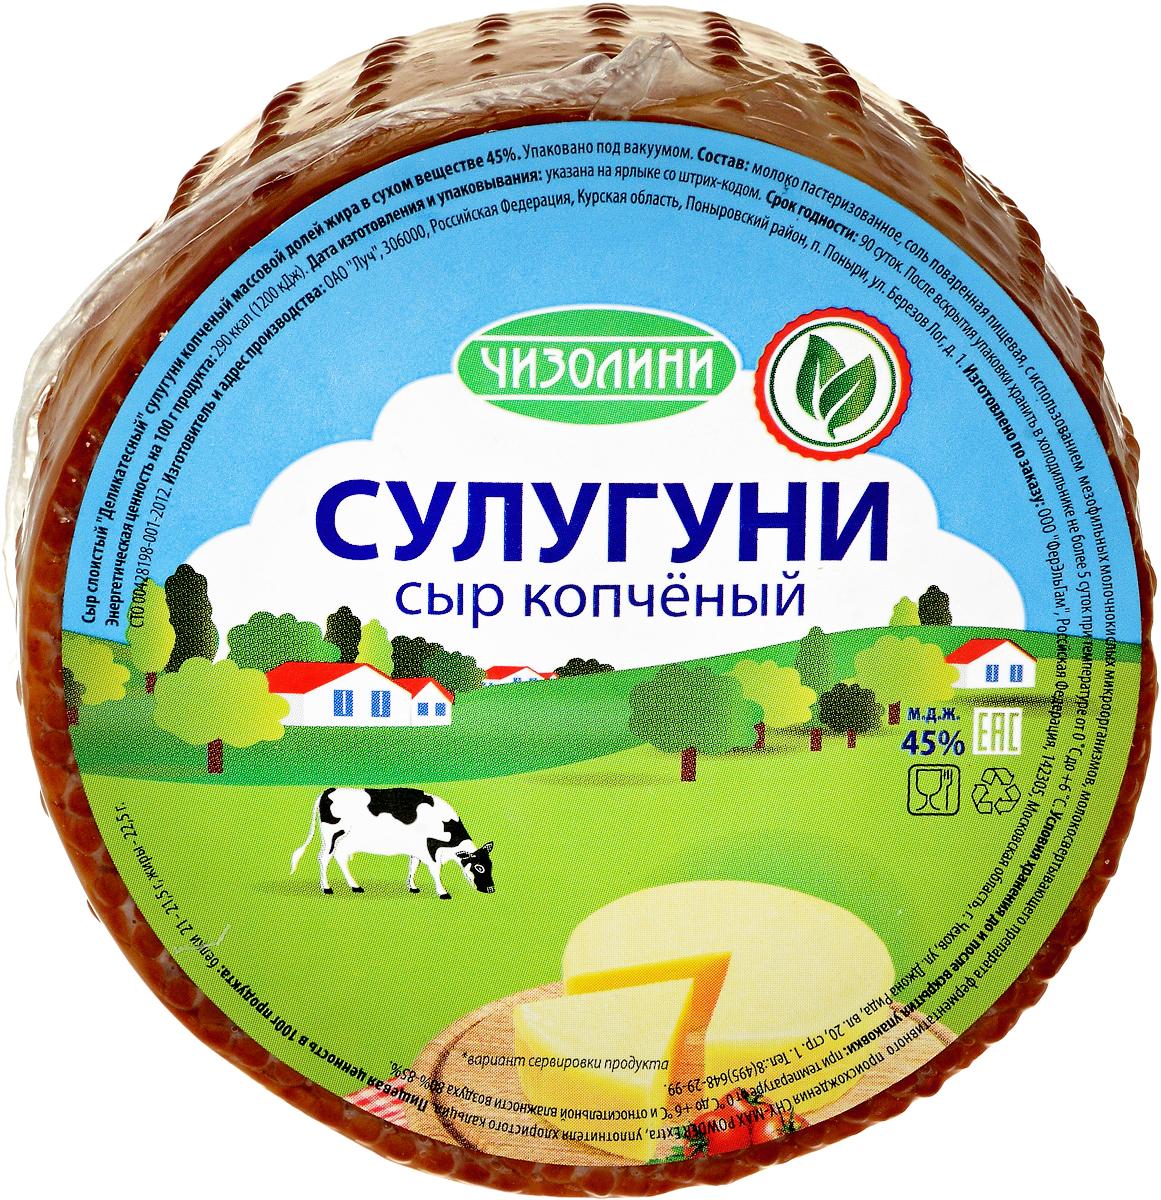 Чизолини Сыр Сулугуни, копченый, 250 г